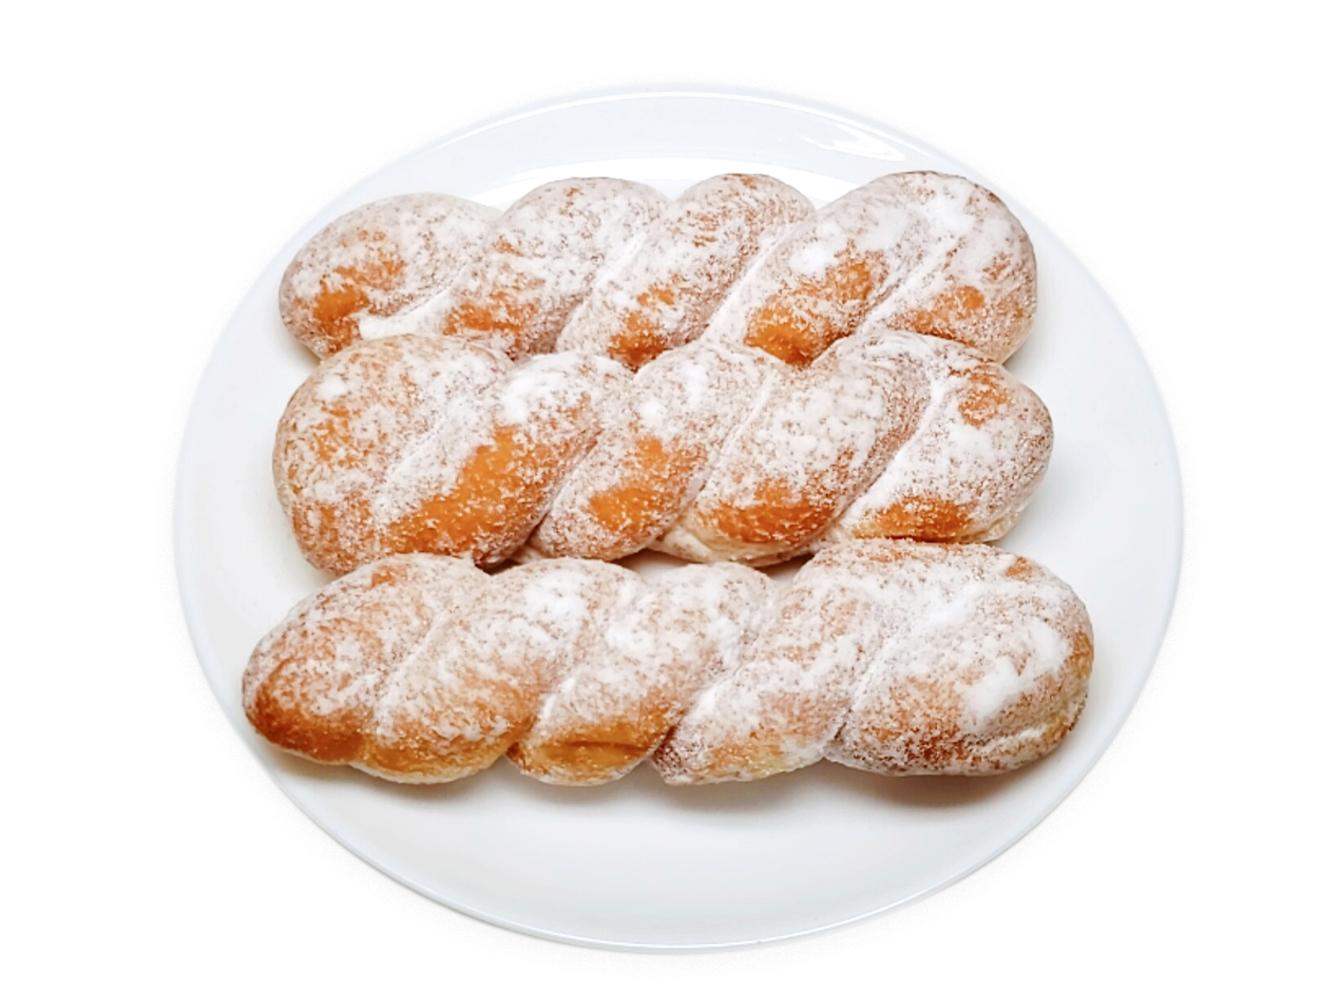 セブンプレミアム ツイストドーナツ(3個入り)